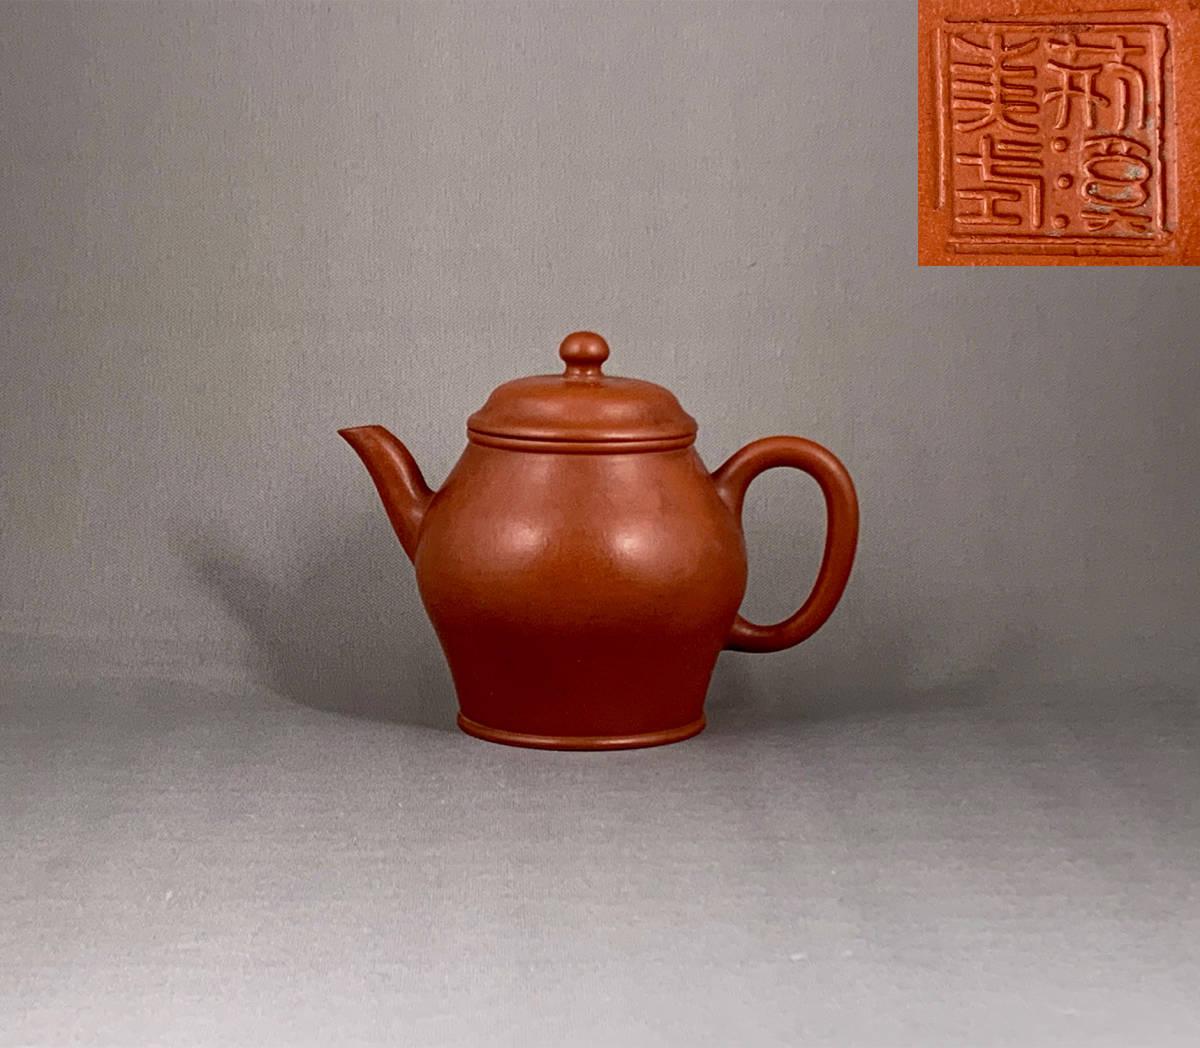 中国朱泥 急須 在銘茶壺 煎茶道具